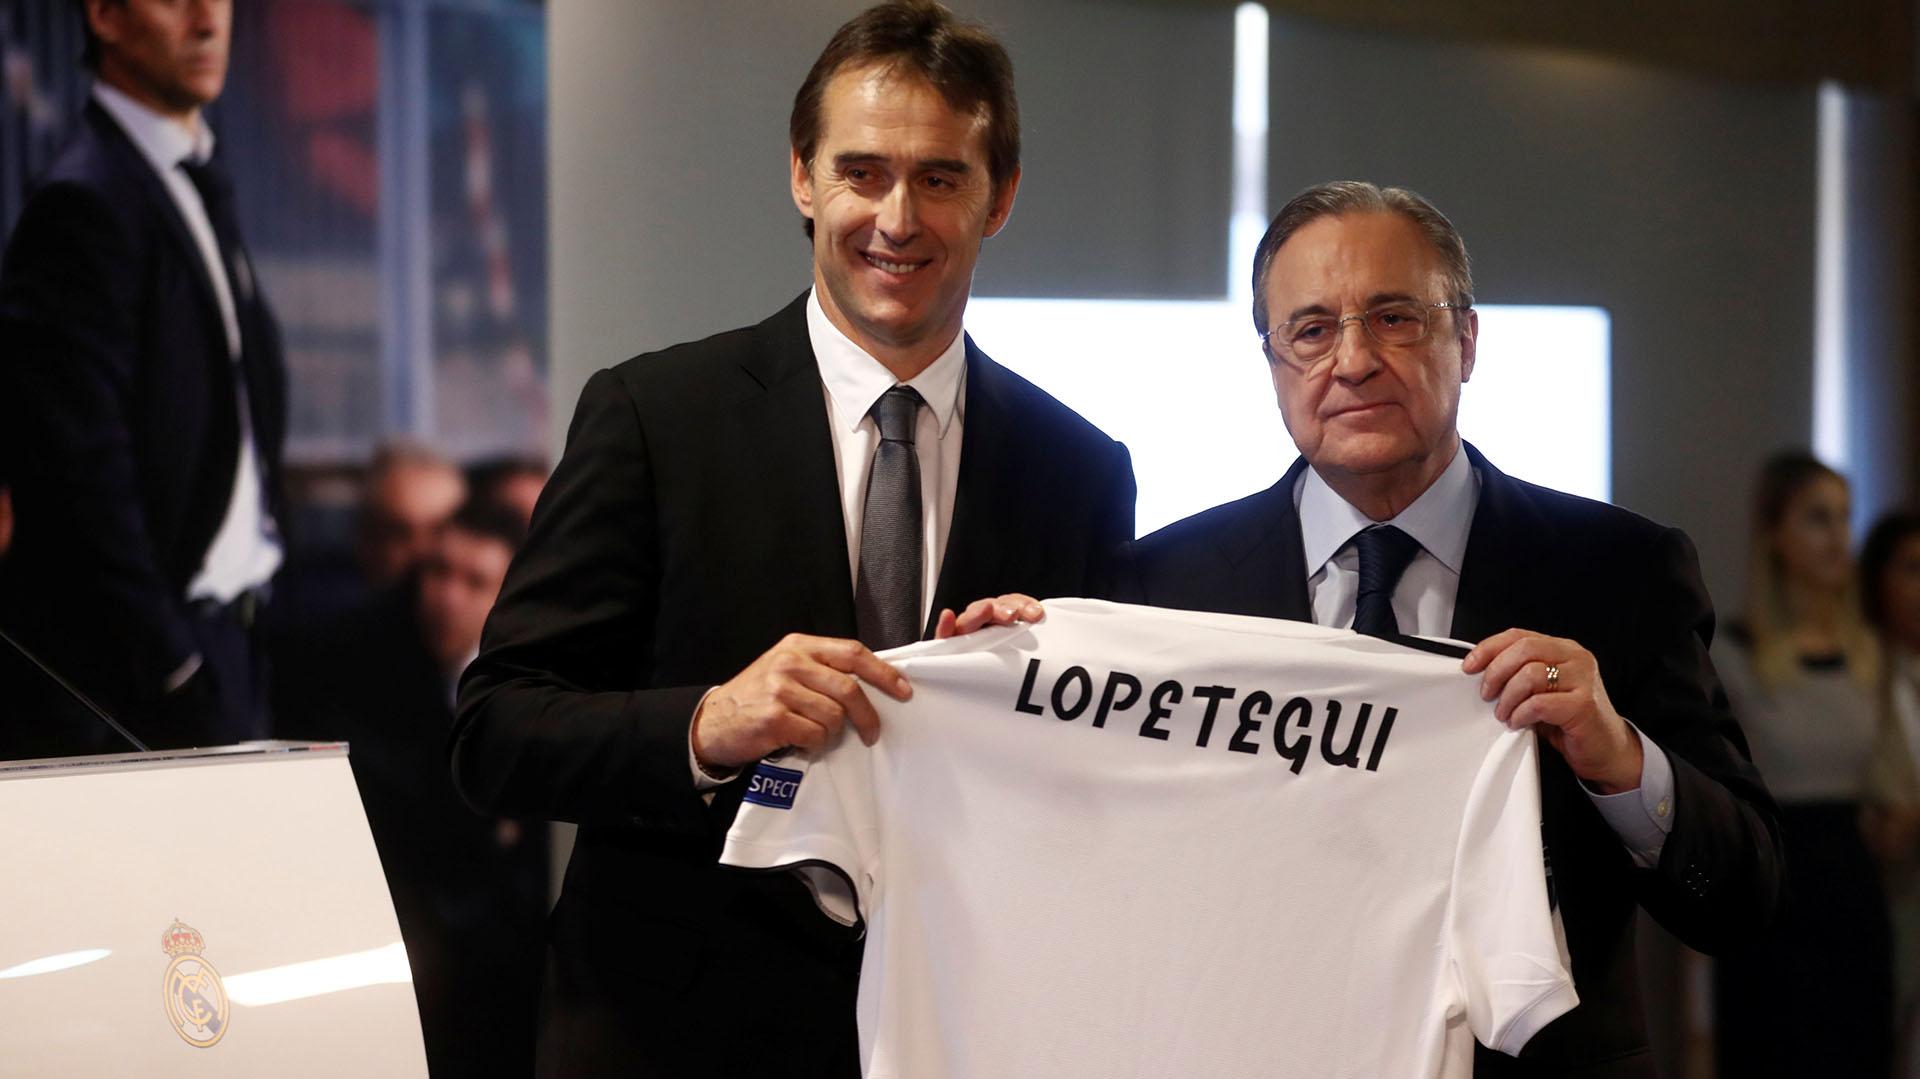 Julen Lopetegui, en el Santiago Bernabéu, al ser oficializado como entrenador del Real Madrid por Florentino Pérez, el pasado 14 de junio(REUTERS)